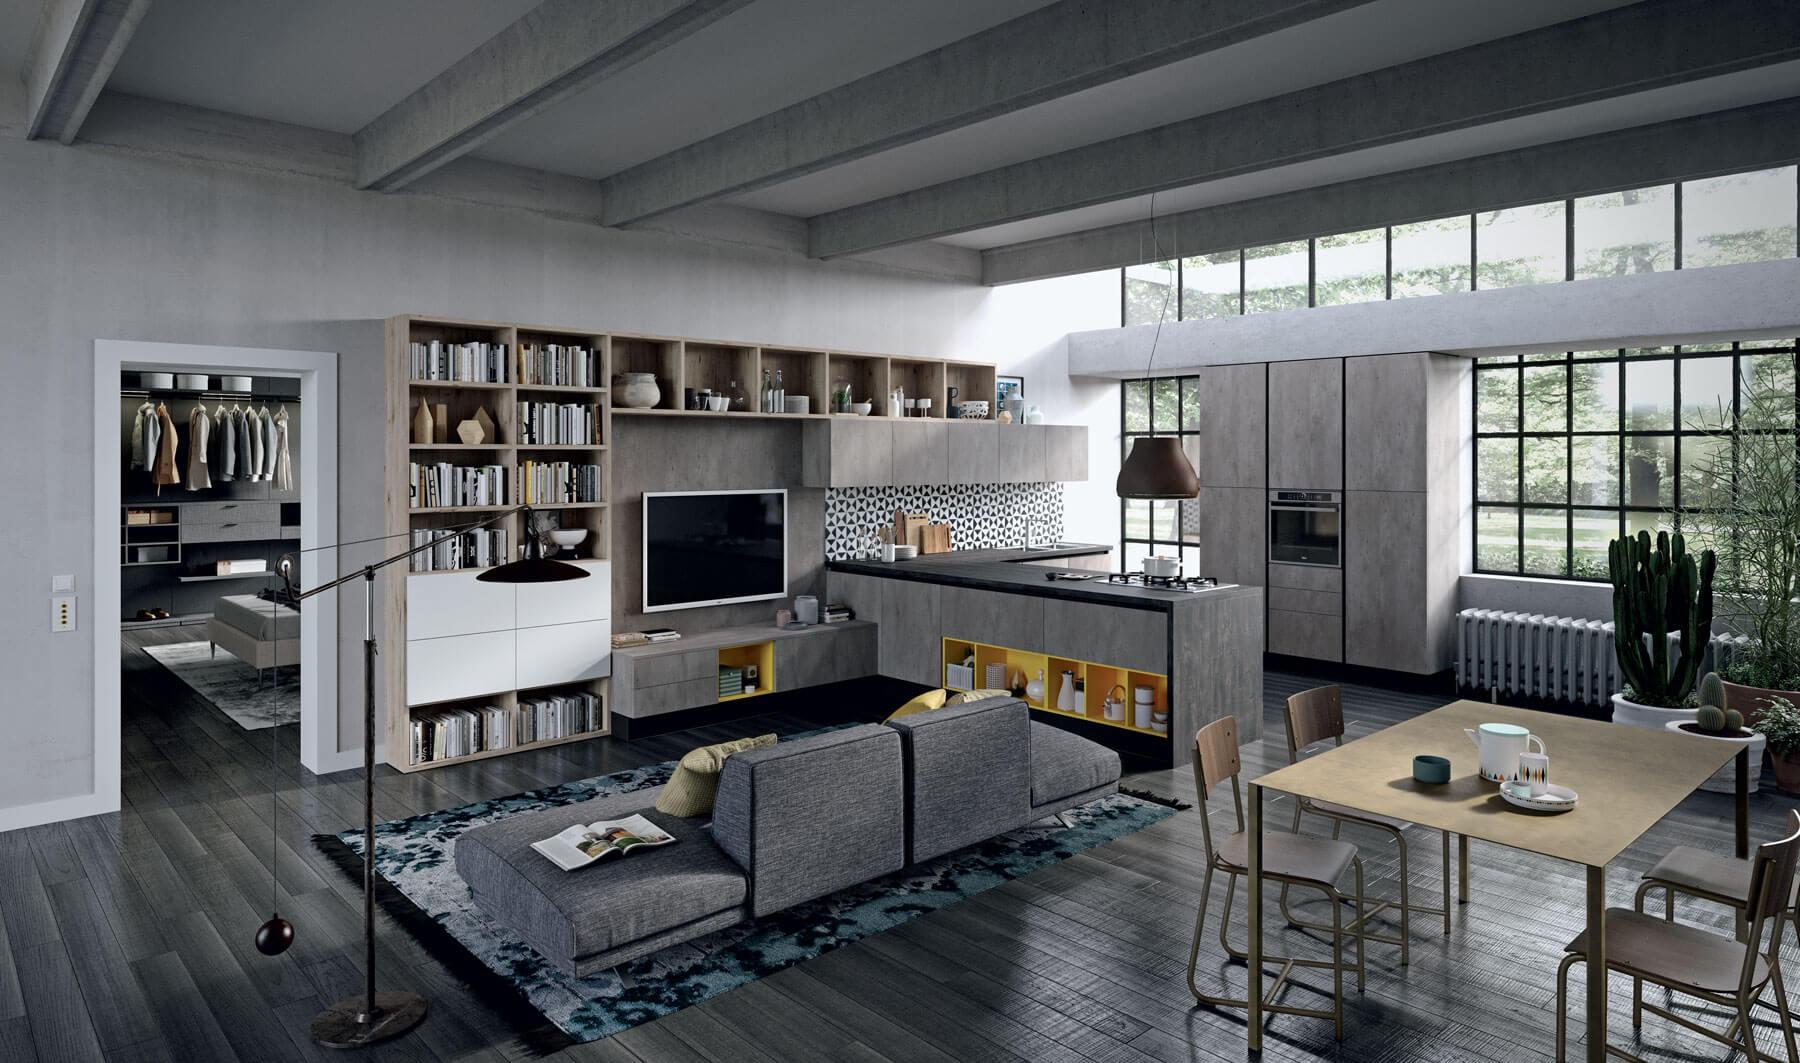 Man casa arredo casa roma mobili salvaspazio - Soluzioni economiche per arredare casa ...